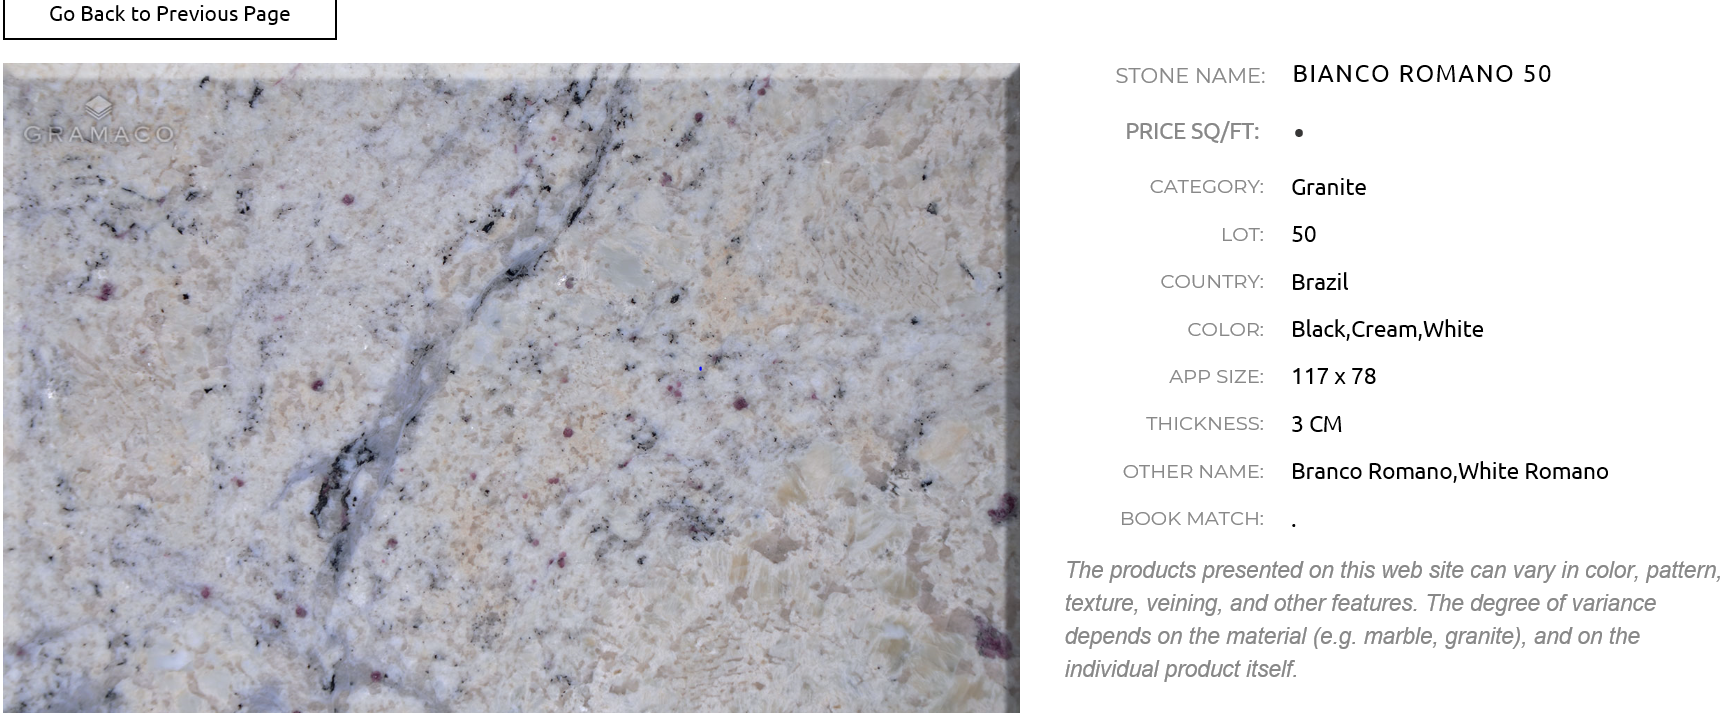 Gramaco Bianco Romano 50 Brazil Colors Granite Bianco